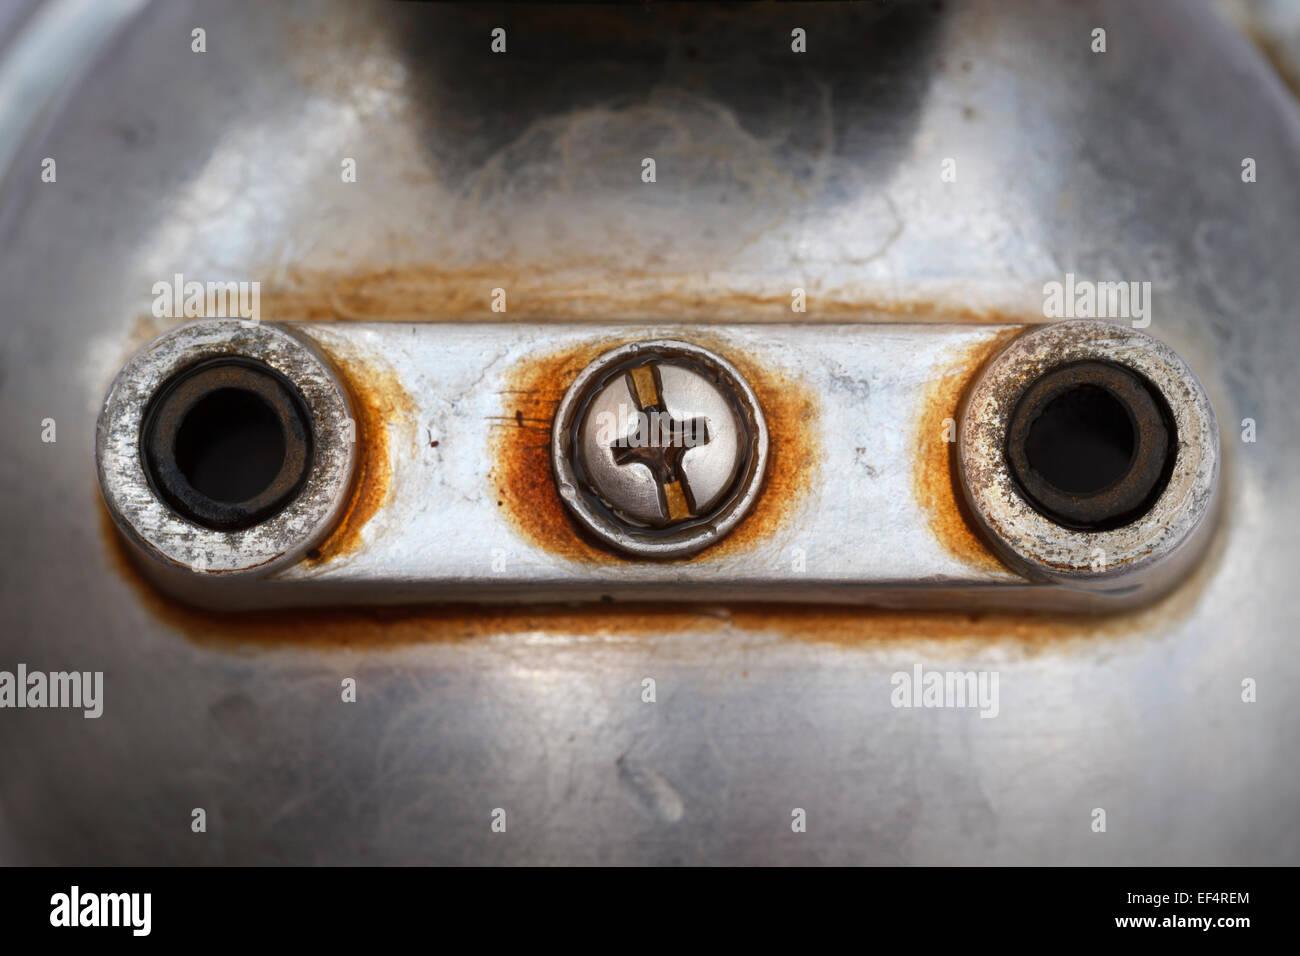 unter Metall Kaffeemaschine; Nahaufnahmen Makro erschossen; Stockbild